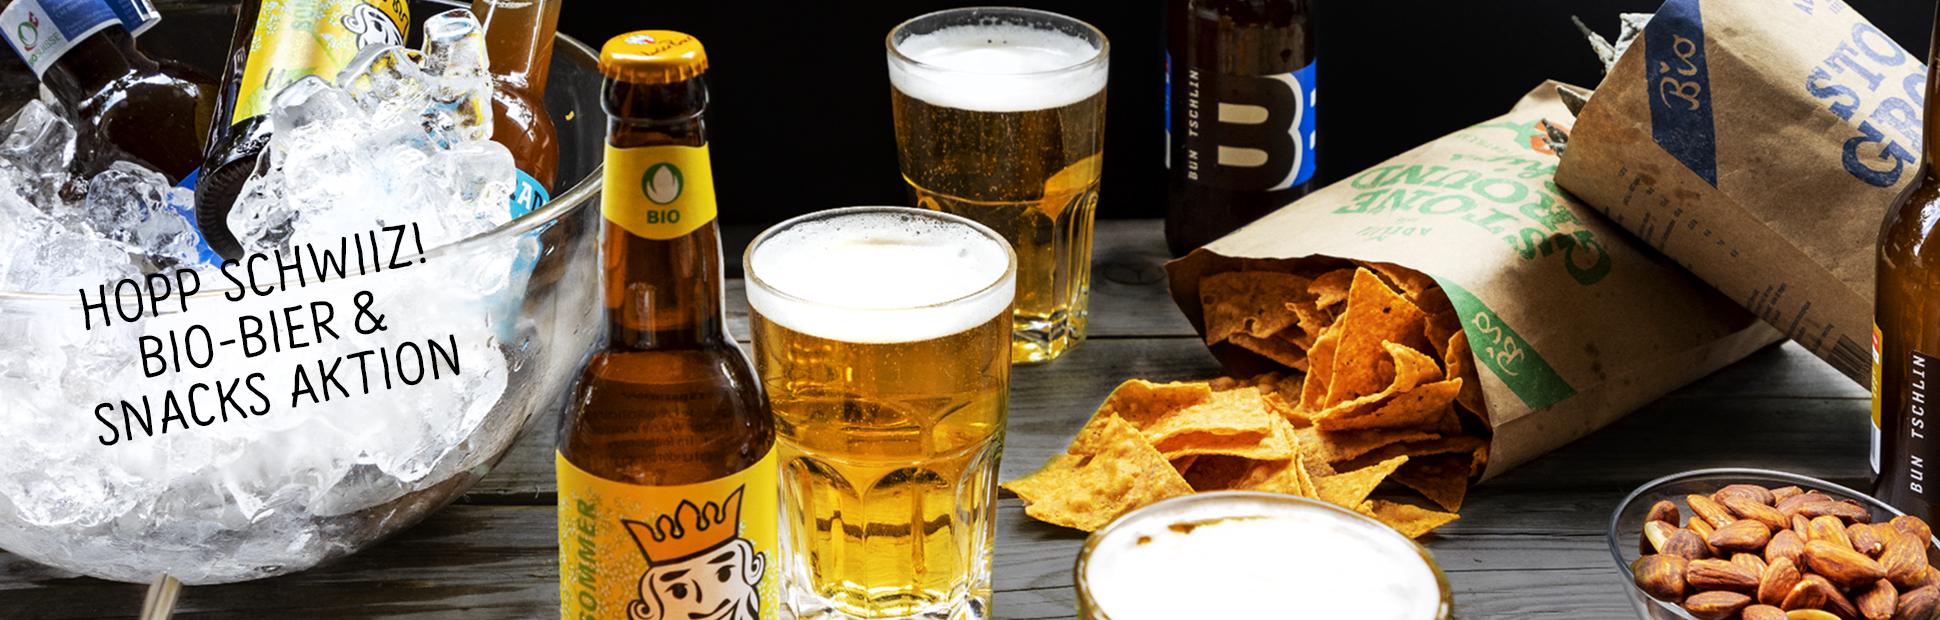 Bio-Bier und Snacks Aktion